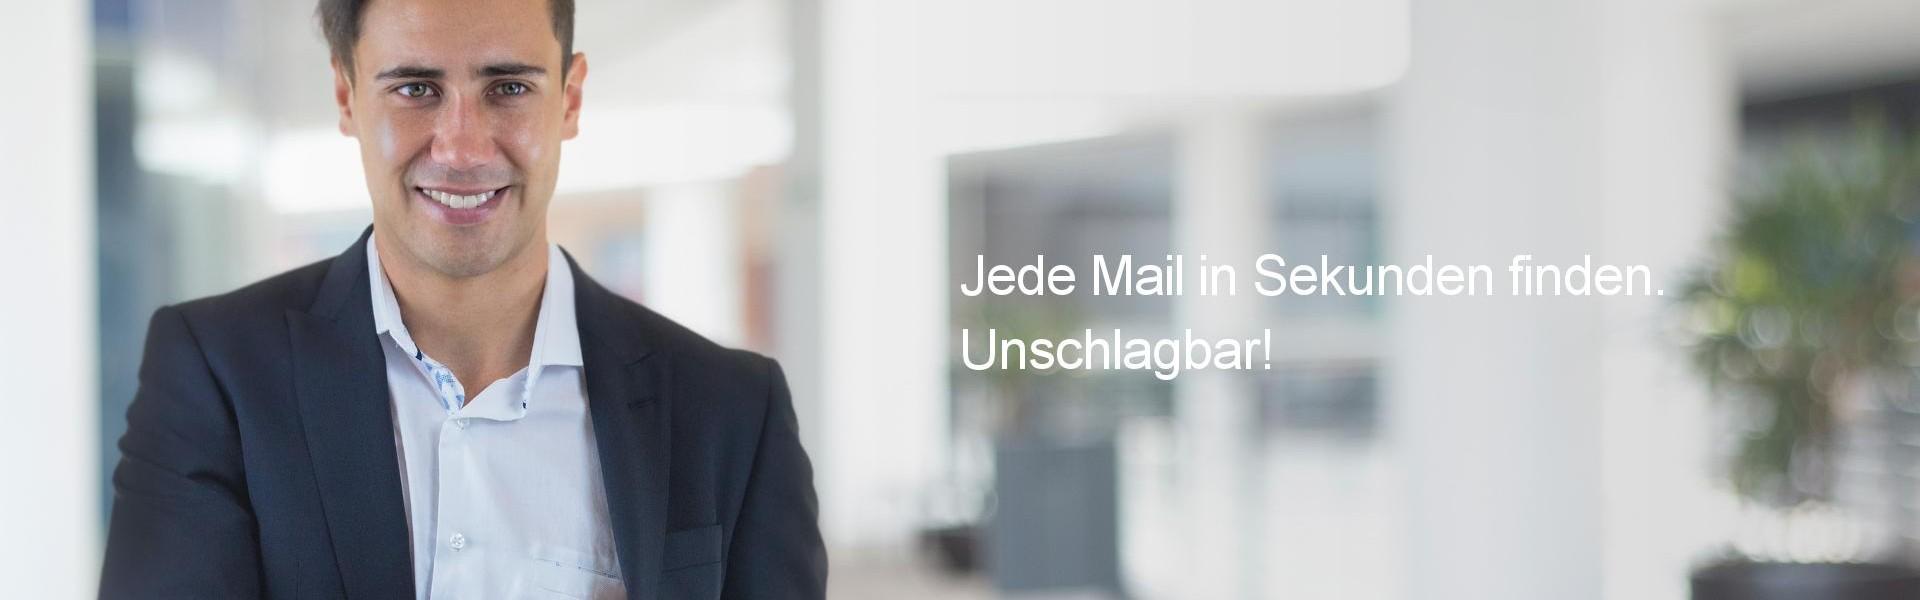 Jede Mail in Sekunden finden. Unschlagbar!